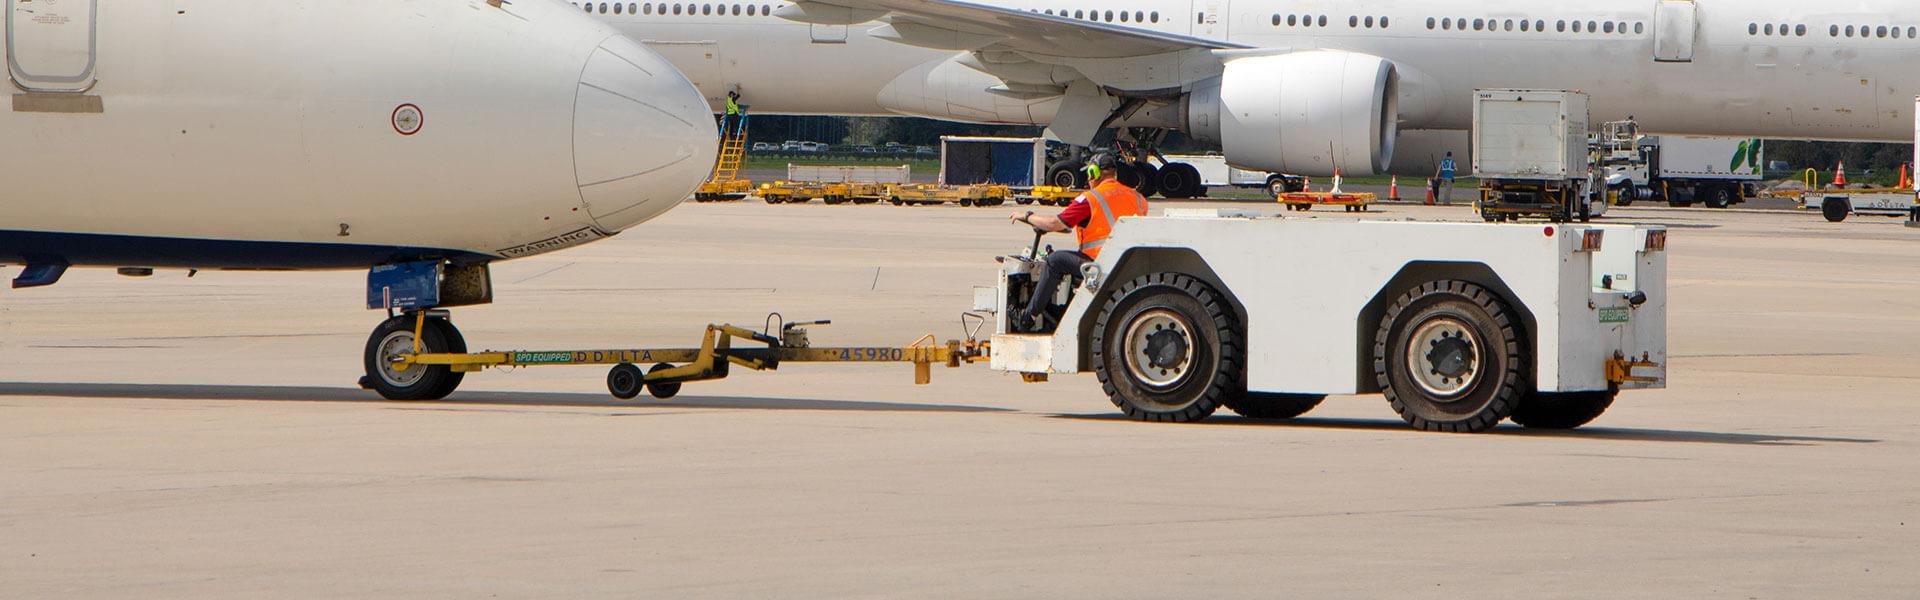 Aircraft Pushback